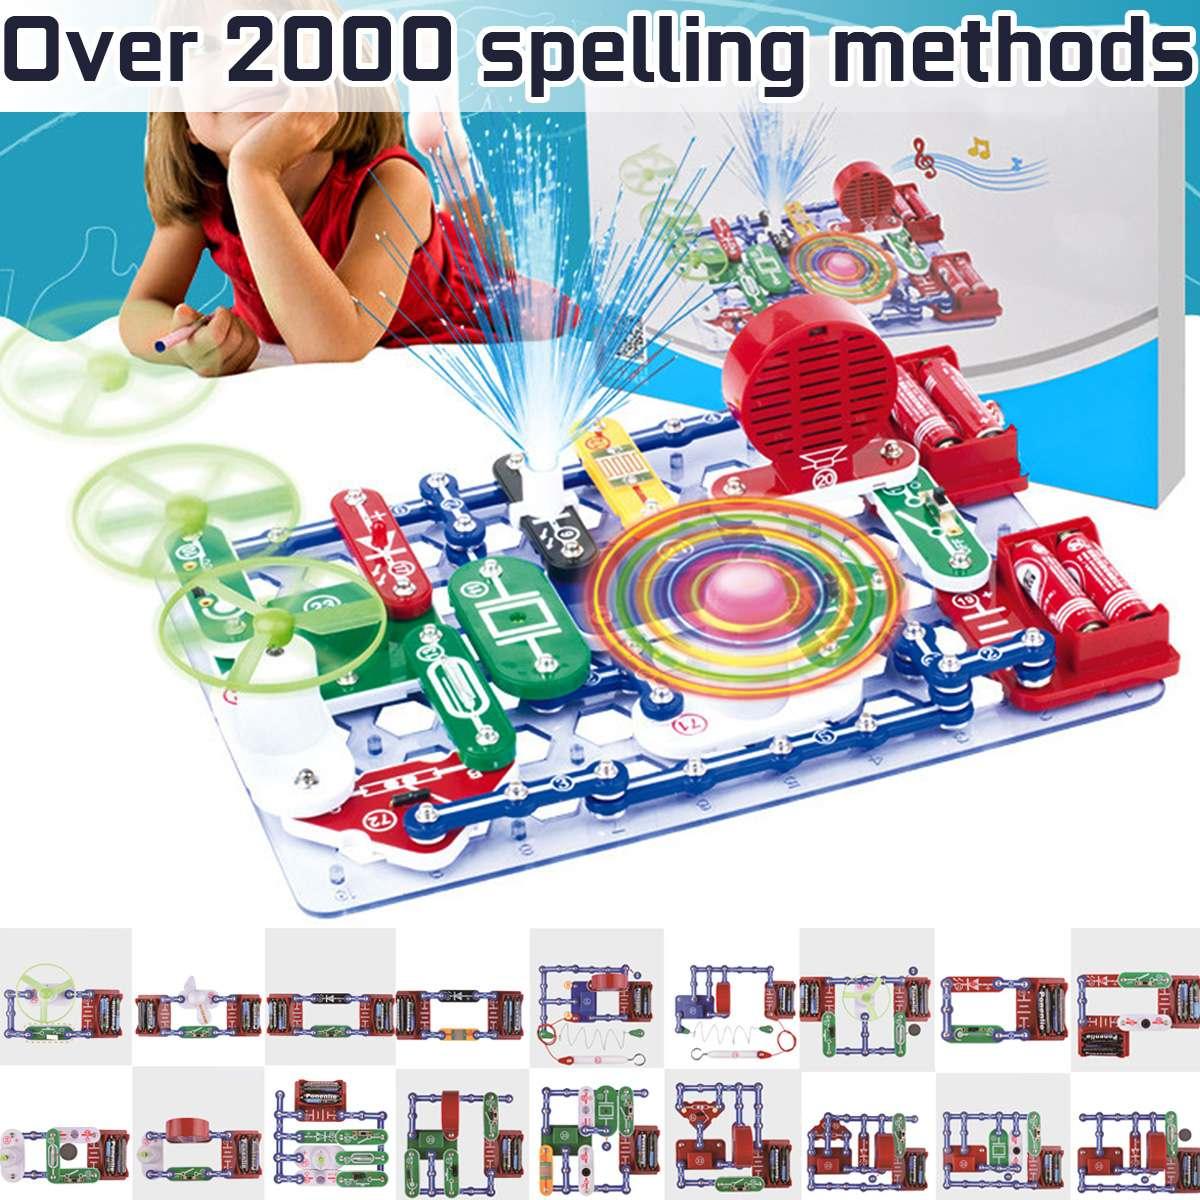 Plus de 2000 types de blocs de découverte de l'électronique de Mode composé Kit Circuits électriques éducatifs bricolage assembler des jouets pour les enfants